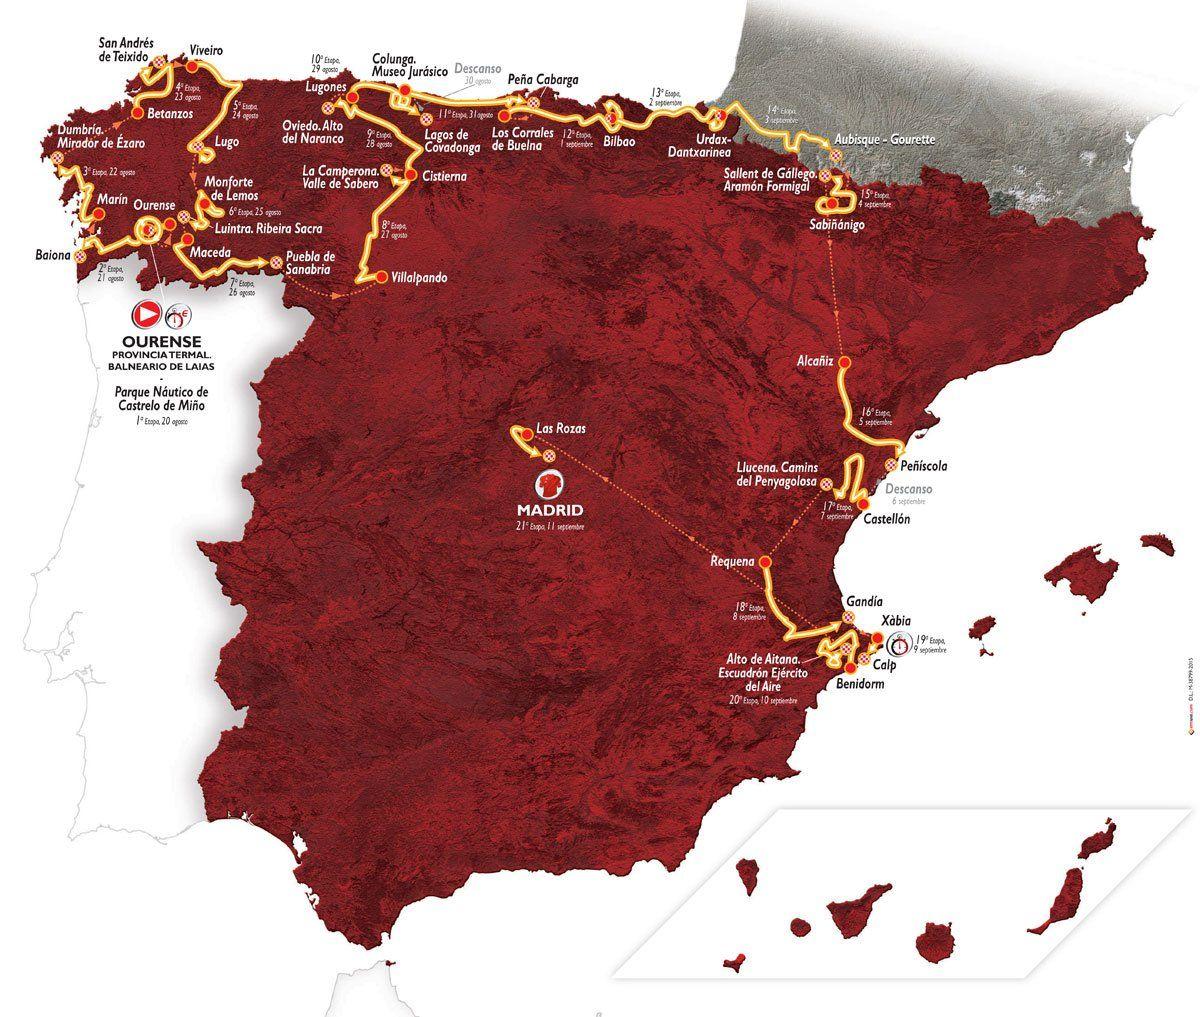 Percorso della Vuelta 2016